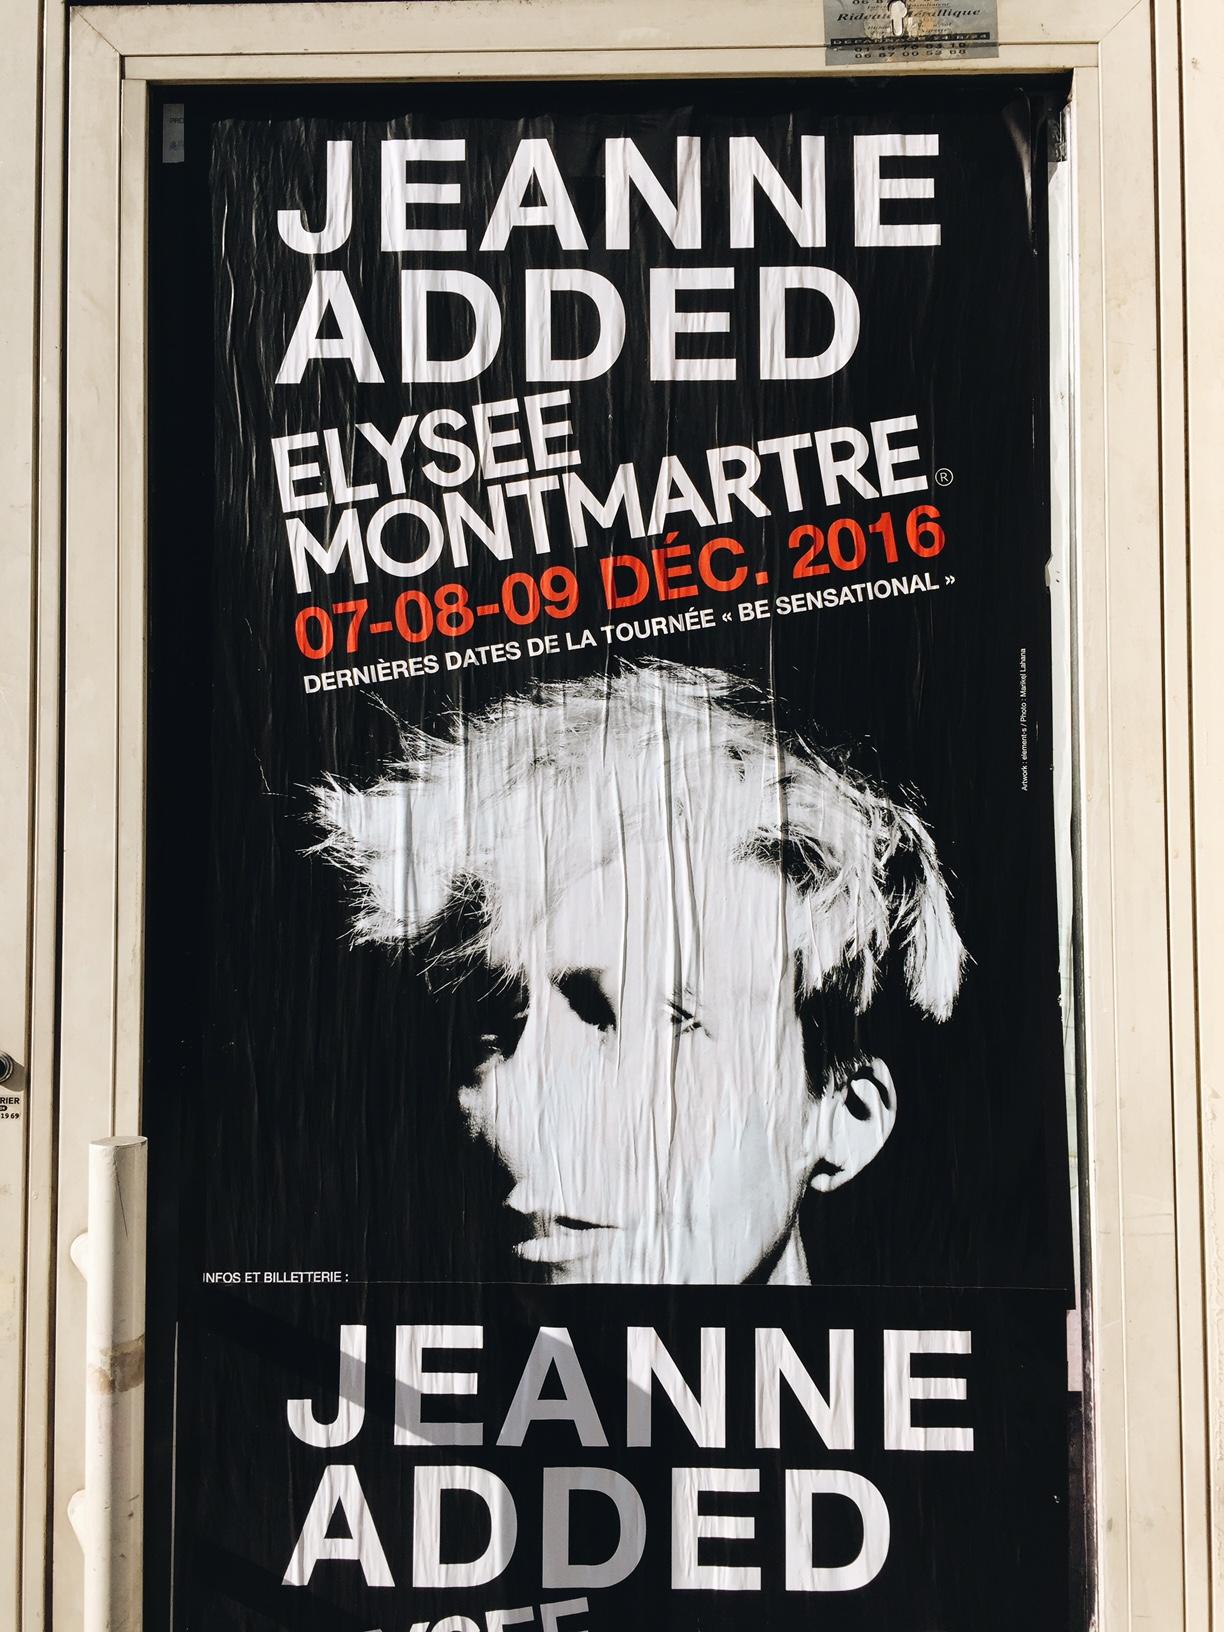 Jeanne-Added-en-concert-Elysée-Montmartre-Paris-7-8-et-9-décembre-2016-tournée-be-sensational-affiche-photo-usofparis-blog